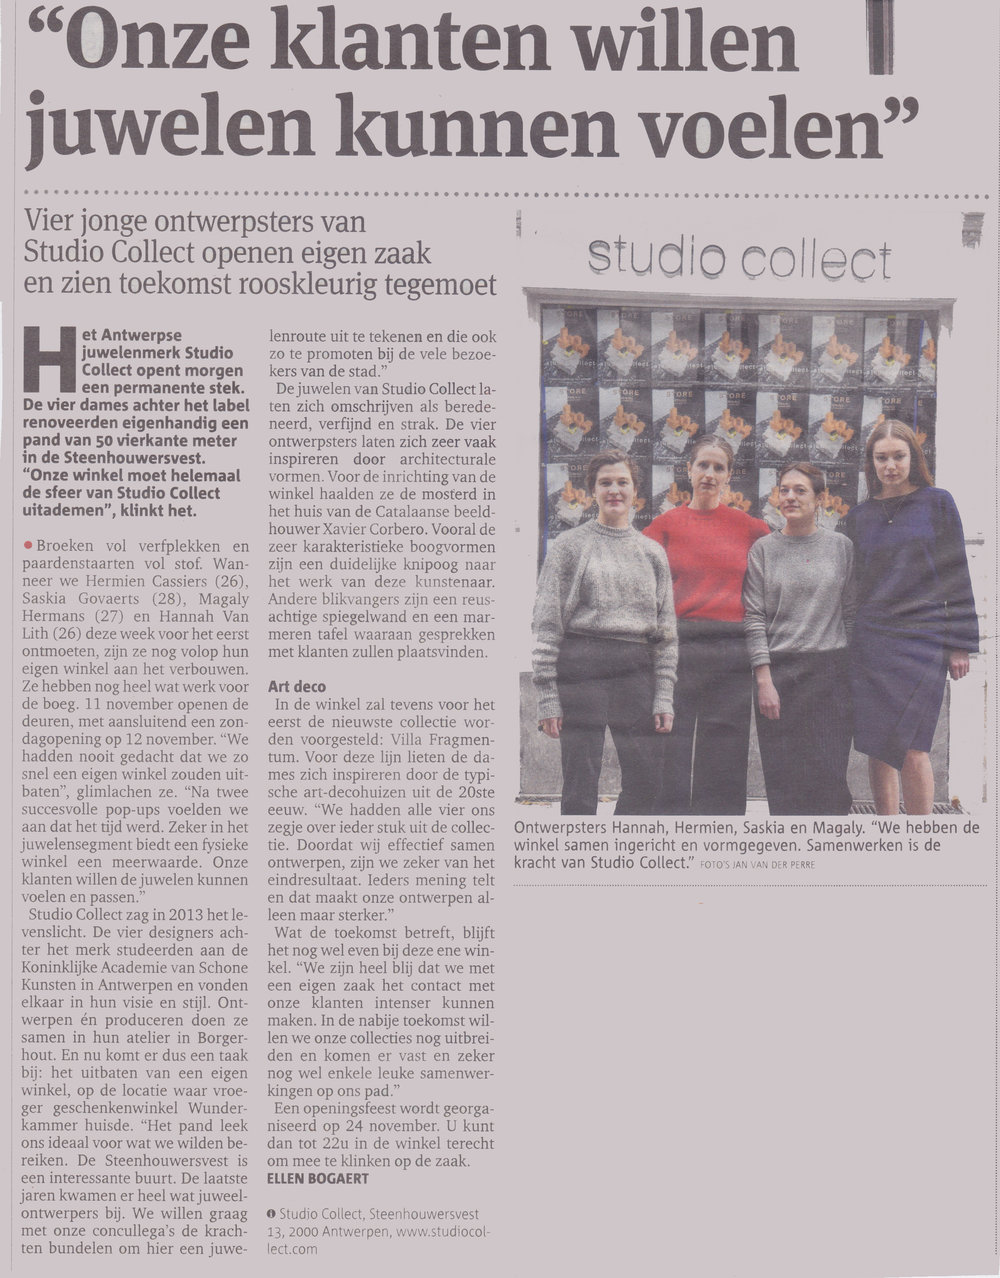 Gazet van Antwerpen - November 2017